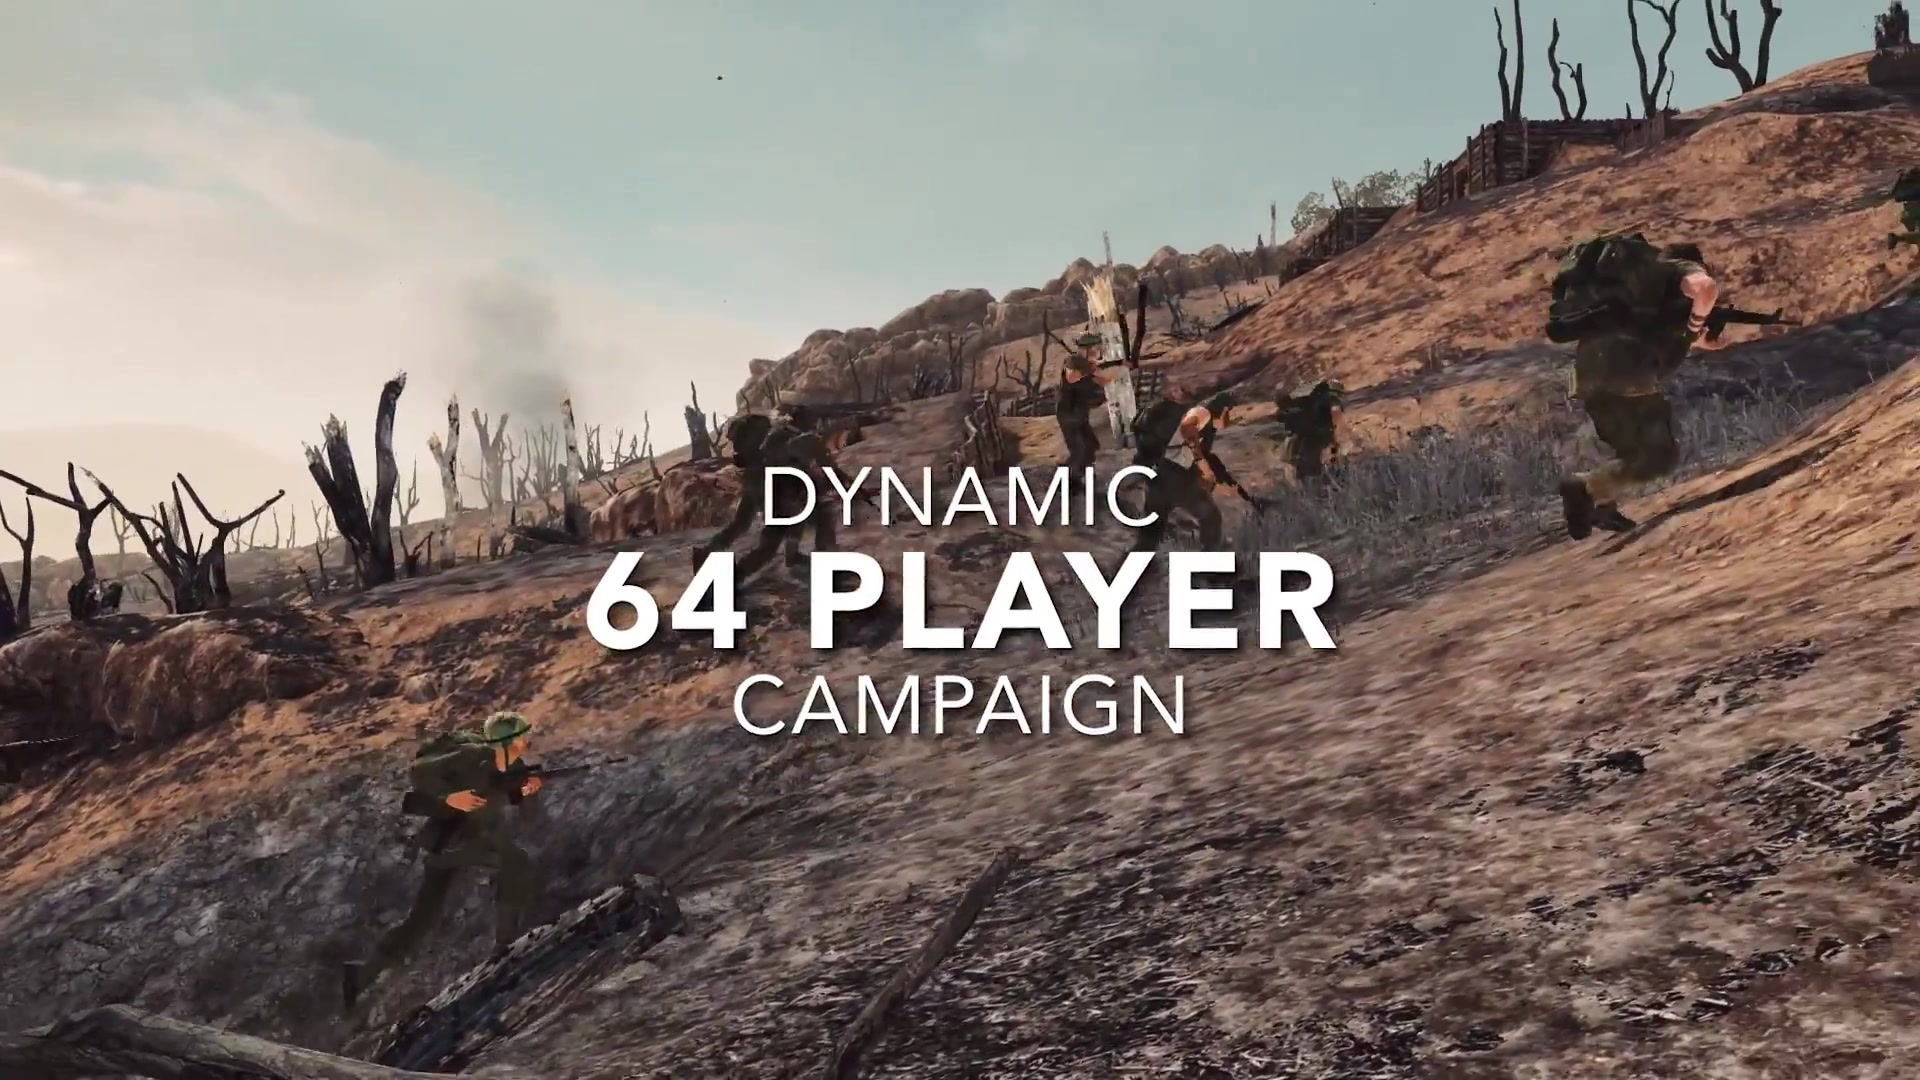 《风起云涌2:越南》增加多人游戏战役 支持64名玩家